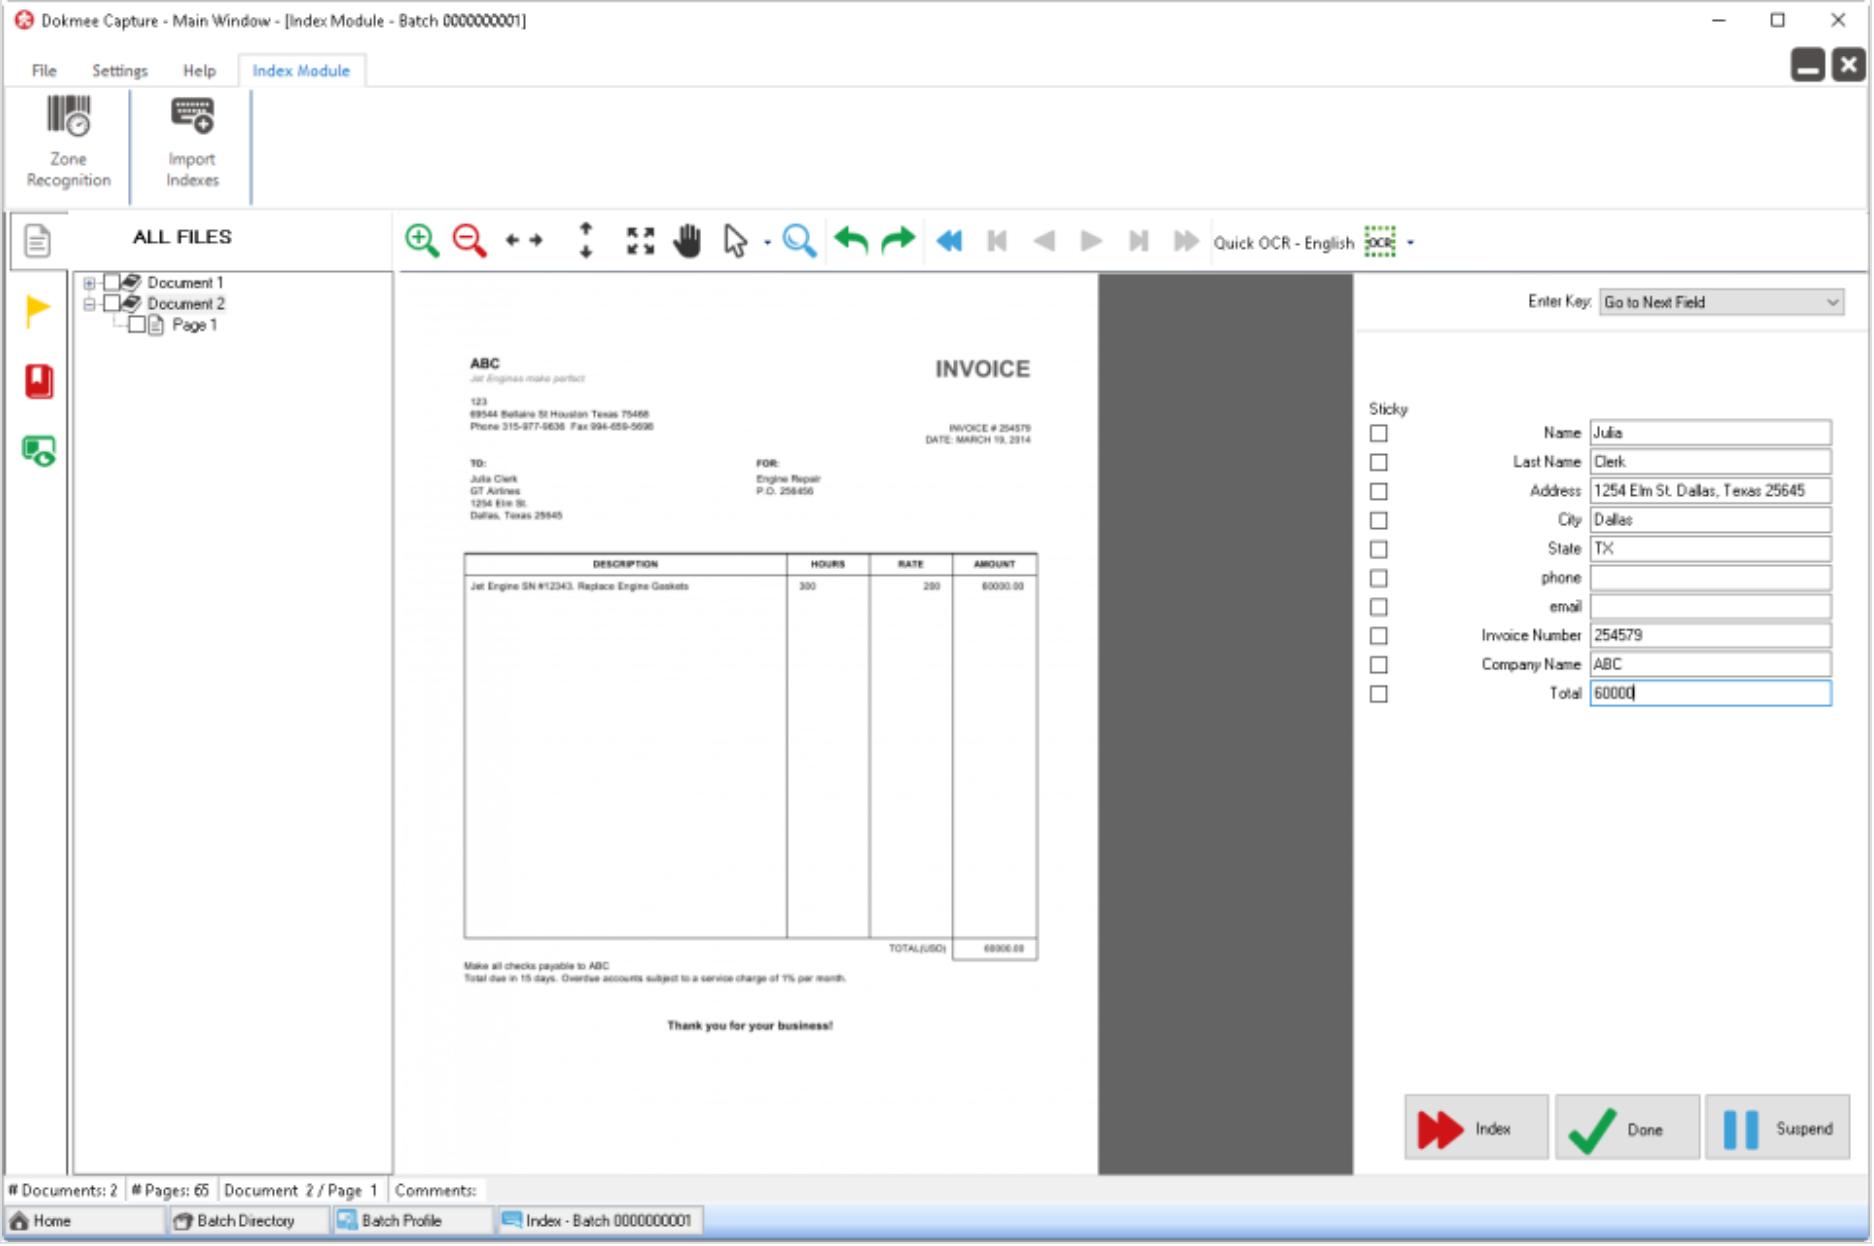 Index files